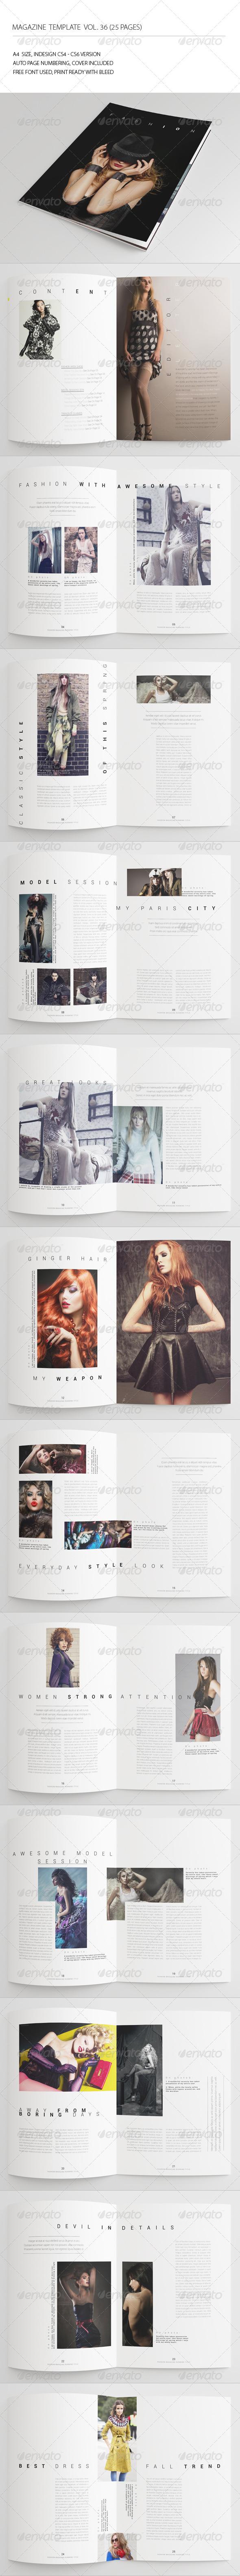 25 Pages Fashion Magazine Vol36